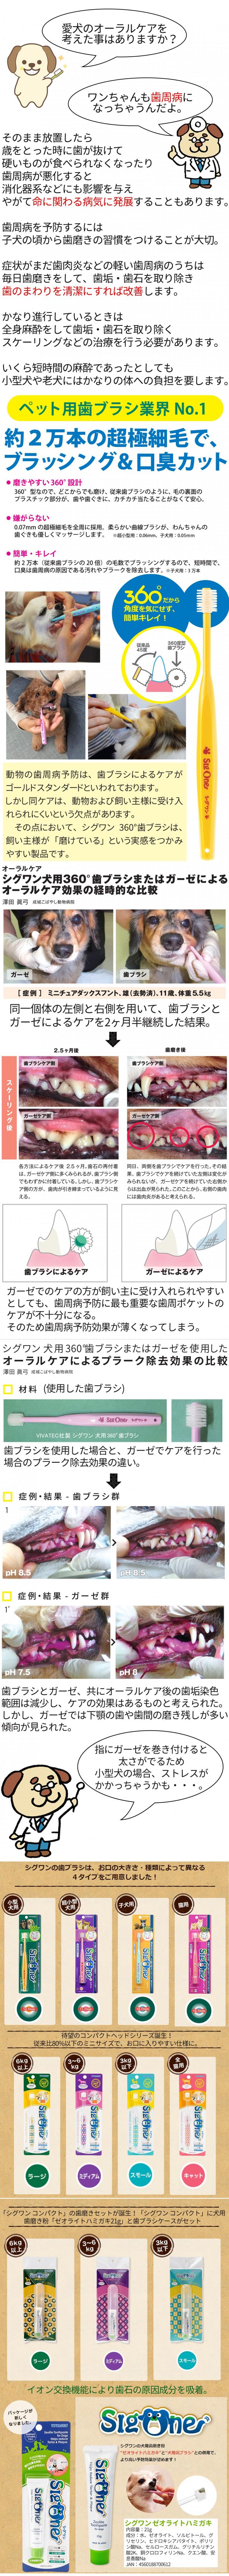 歯ブラシ説明